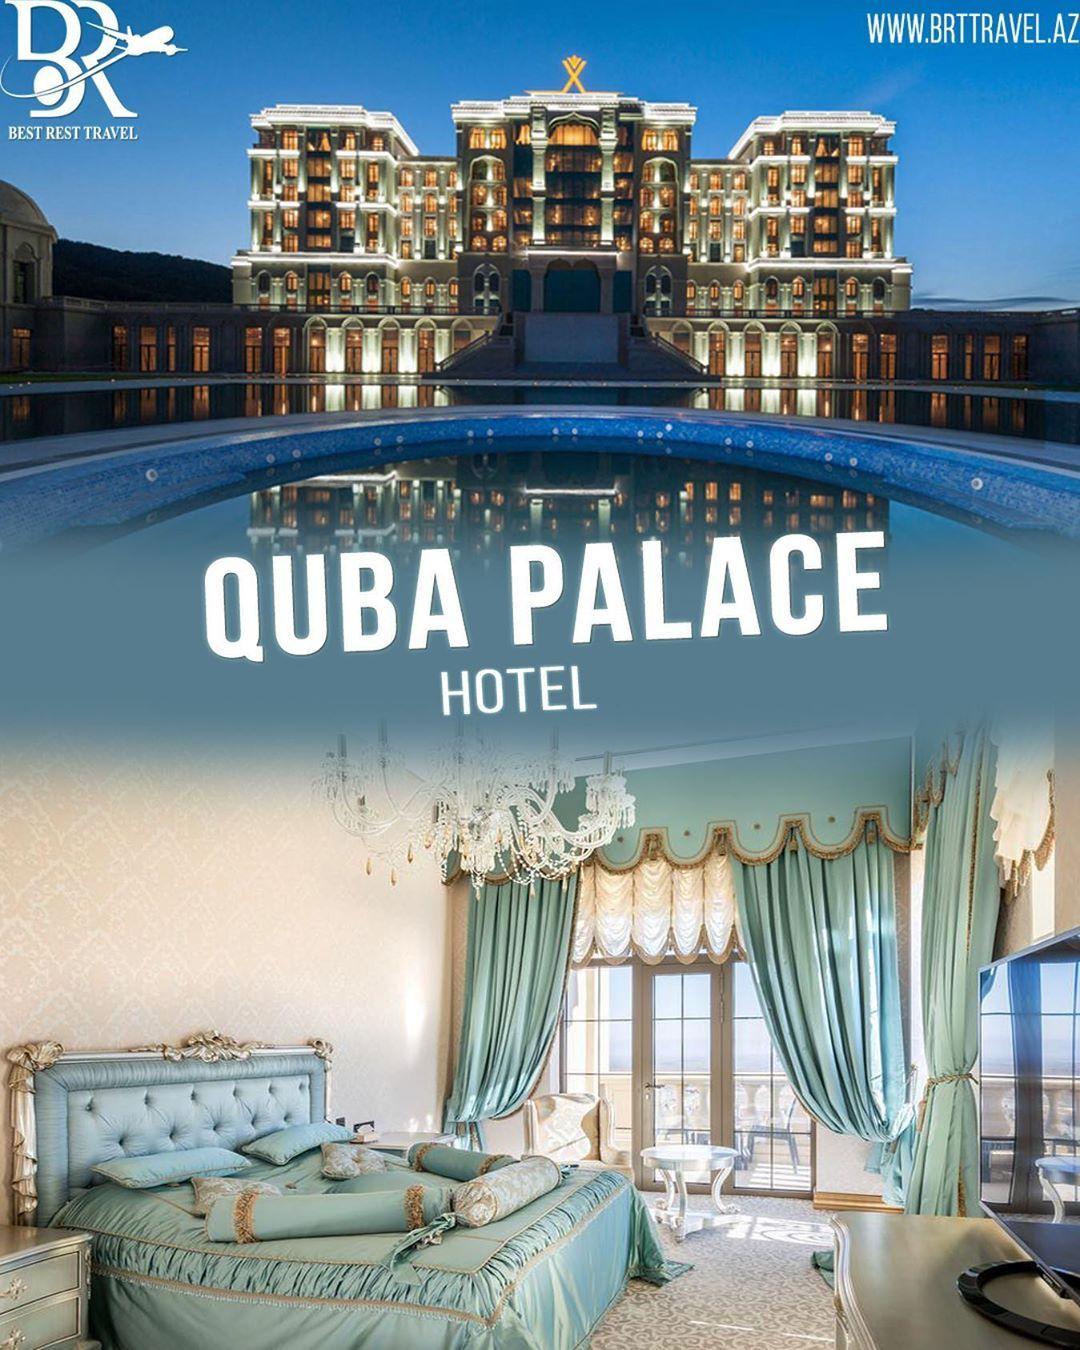 Quba Palace Ramazan Bayramina Endirmli Qiymətlərlə Yerlər Məhduddur Elə Indi Bizə Zəng Edin Tarix 05 06 2019 06 06 Palace Hotel Mansions Instagram